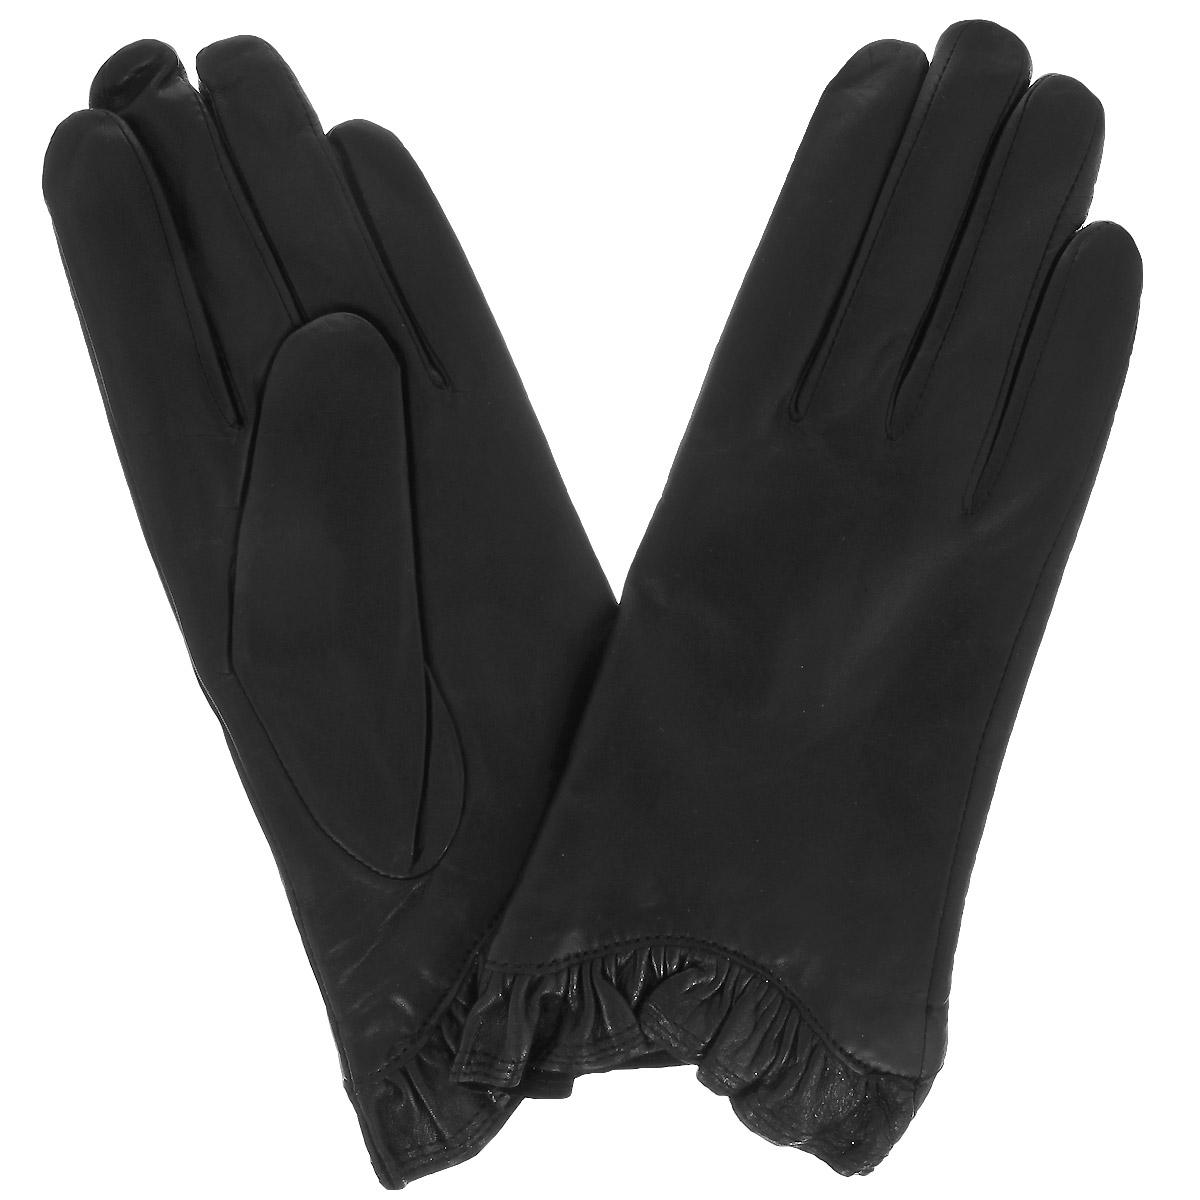 Перчатки женские Dali Exclusive, цвет: черный. 11_MARGE/BL//11. Размер 7,511_MARGE/BL//11Стильные женские перчатки Dali Exclusive с подкладкой из 100% шерсти выполнены из мягкой и приятной на ощупь натуральной кожи ягненка.Манжеты по краю декорированы оборкой. Такие перчатки подчеркнут ваш стиль и неповторимость и придадут всему образу нотки женственности и элегантности.